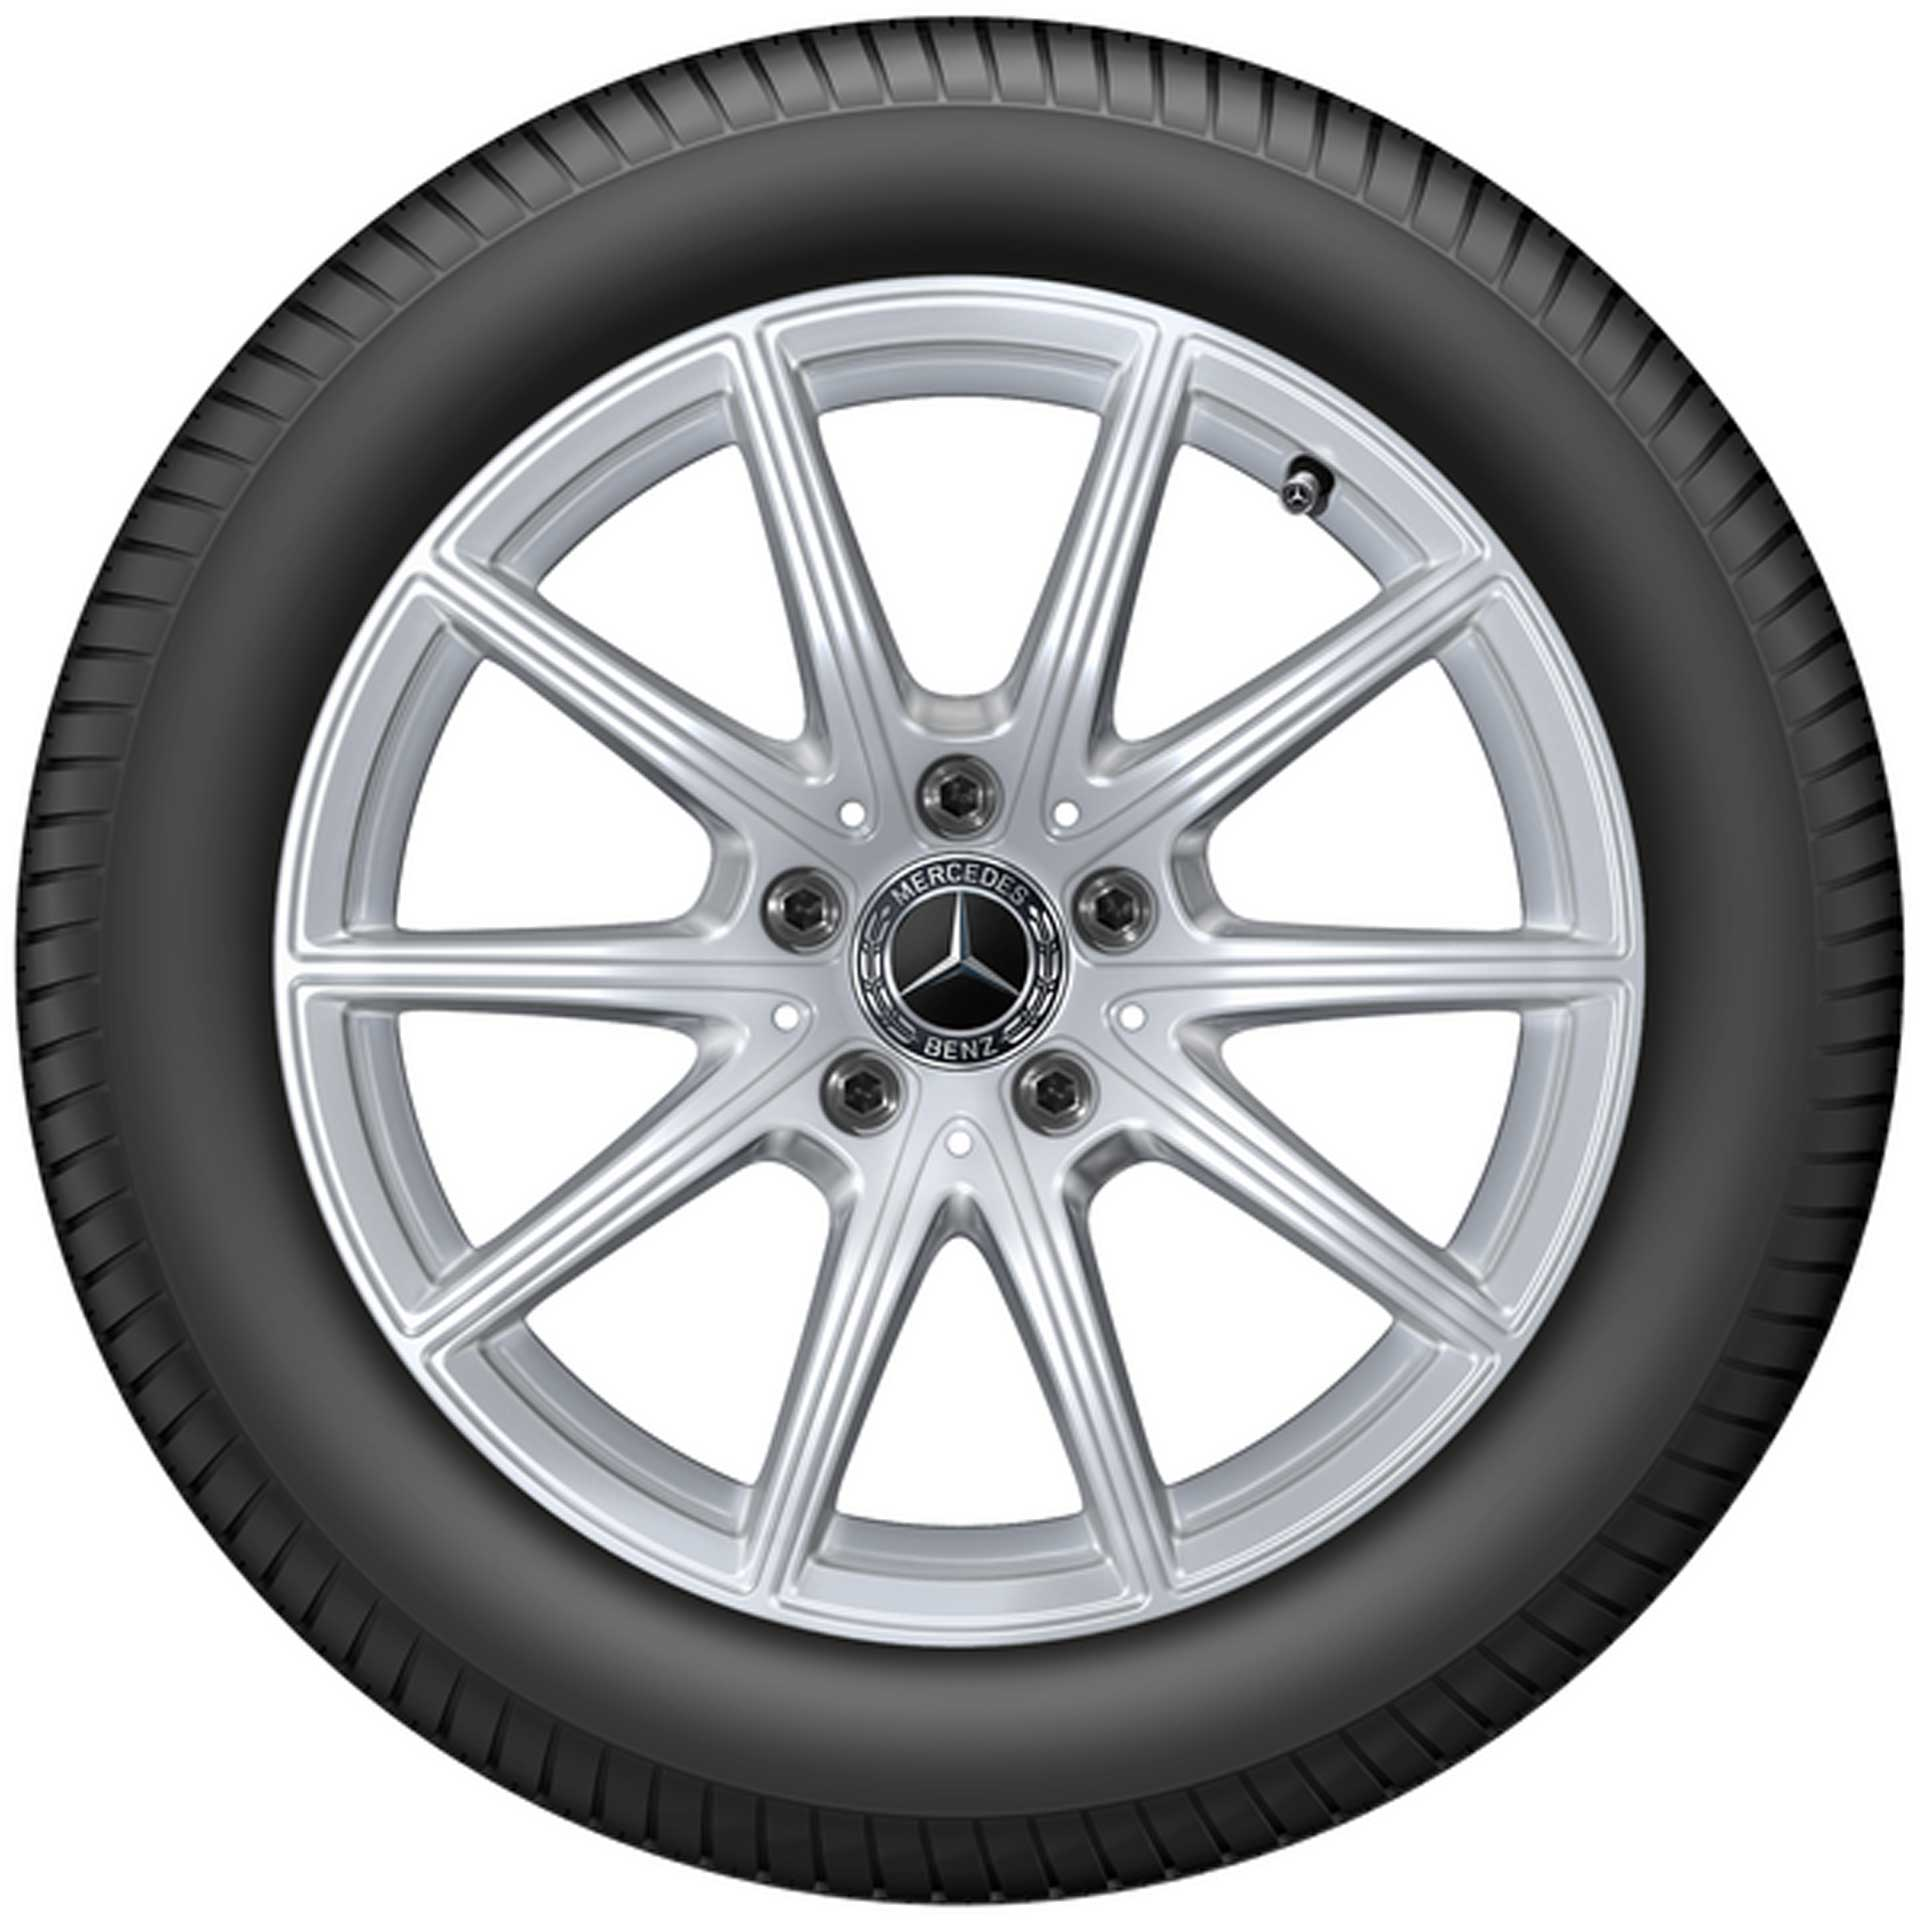 225/50 R17 98H Mercedes-Benz Winterkomplettrad-Satz 10-Speichen Michelin Pilot Alpin 5 MO